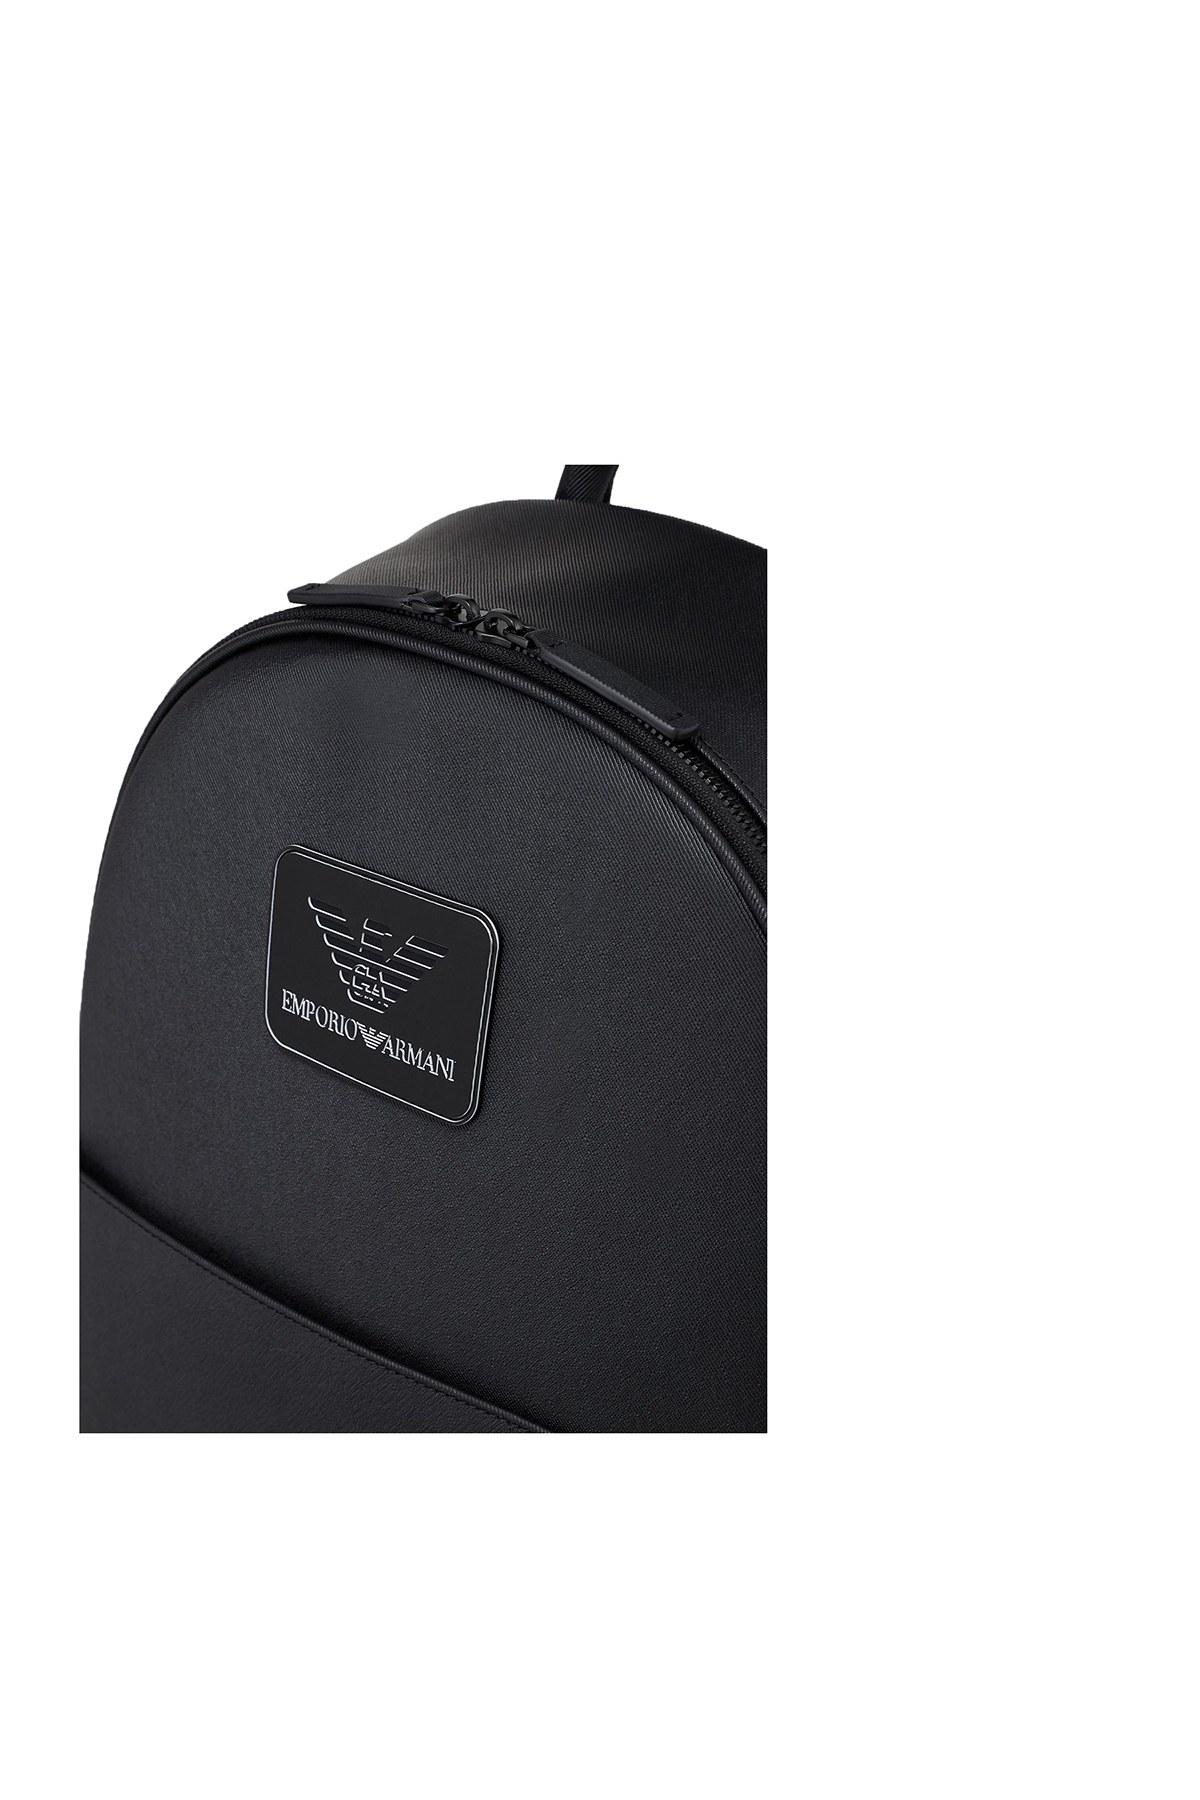 Emporio Armani Marka Logolu Fermuarlı Erkek Çanta Y4O215 Y019V 81072 SİYAH